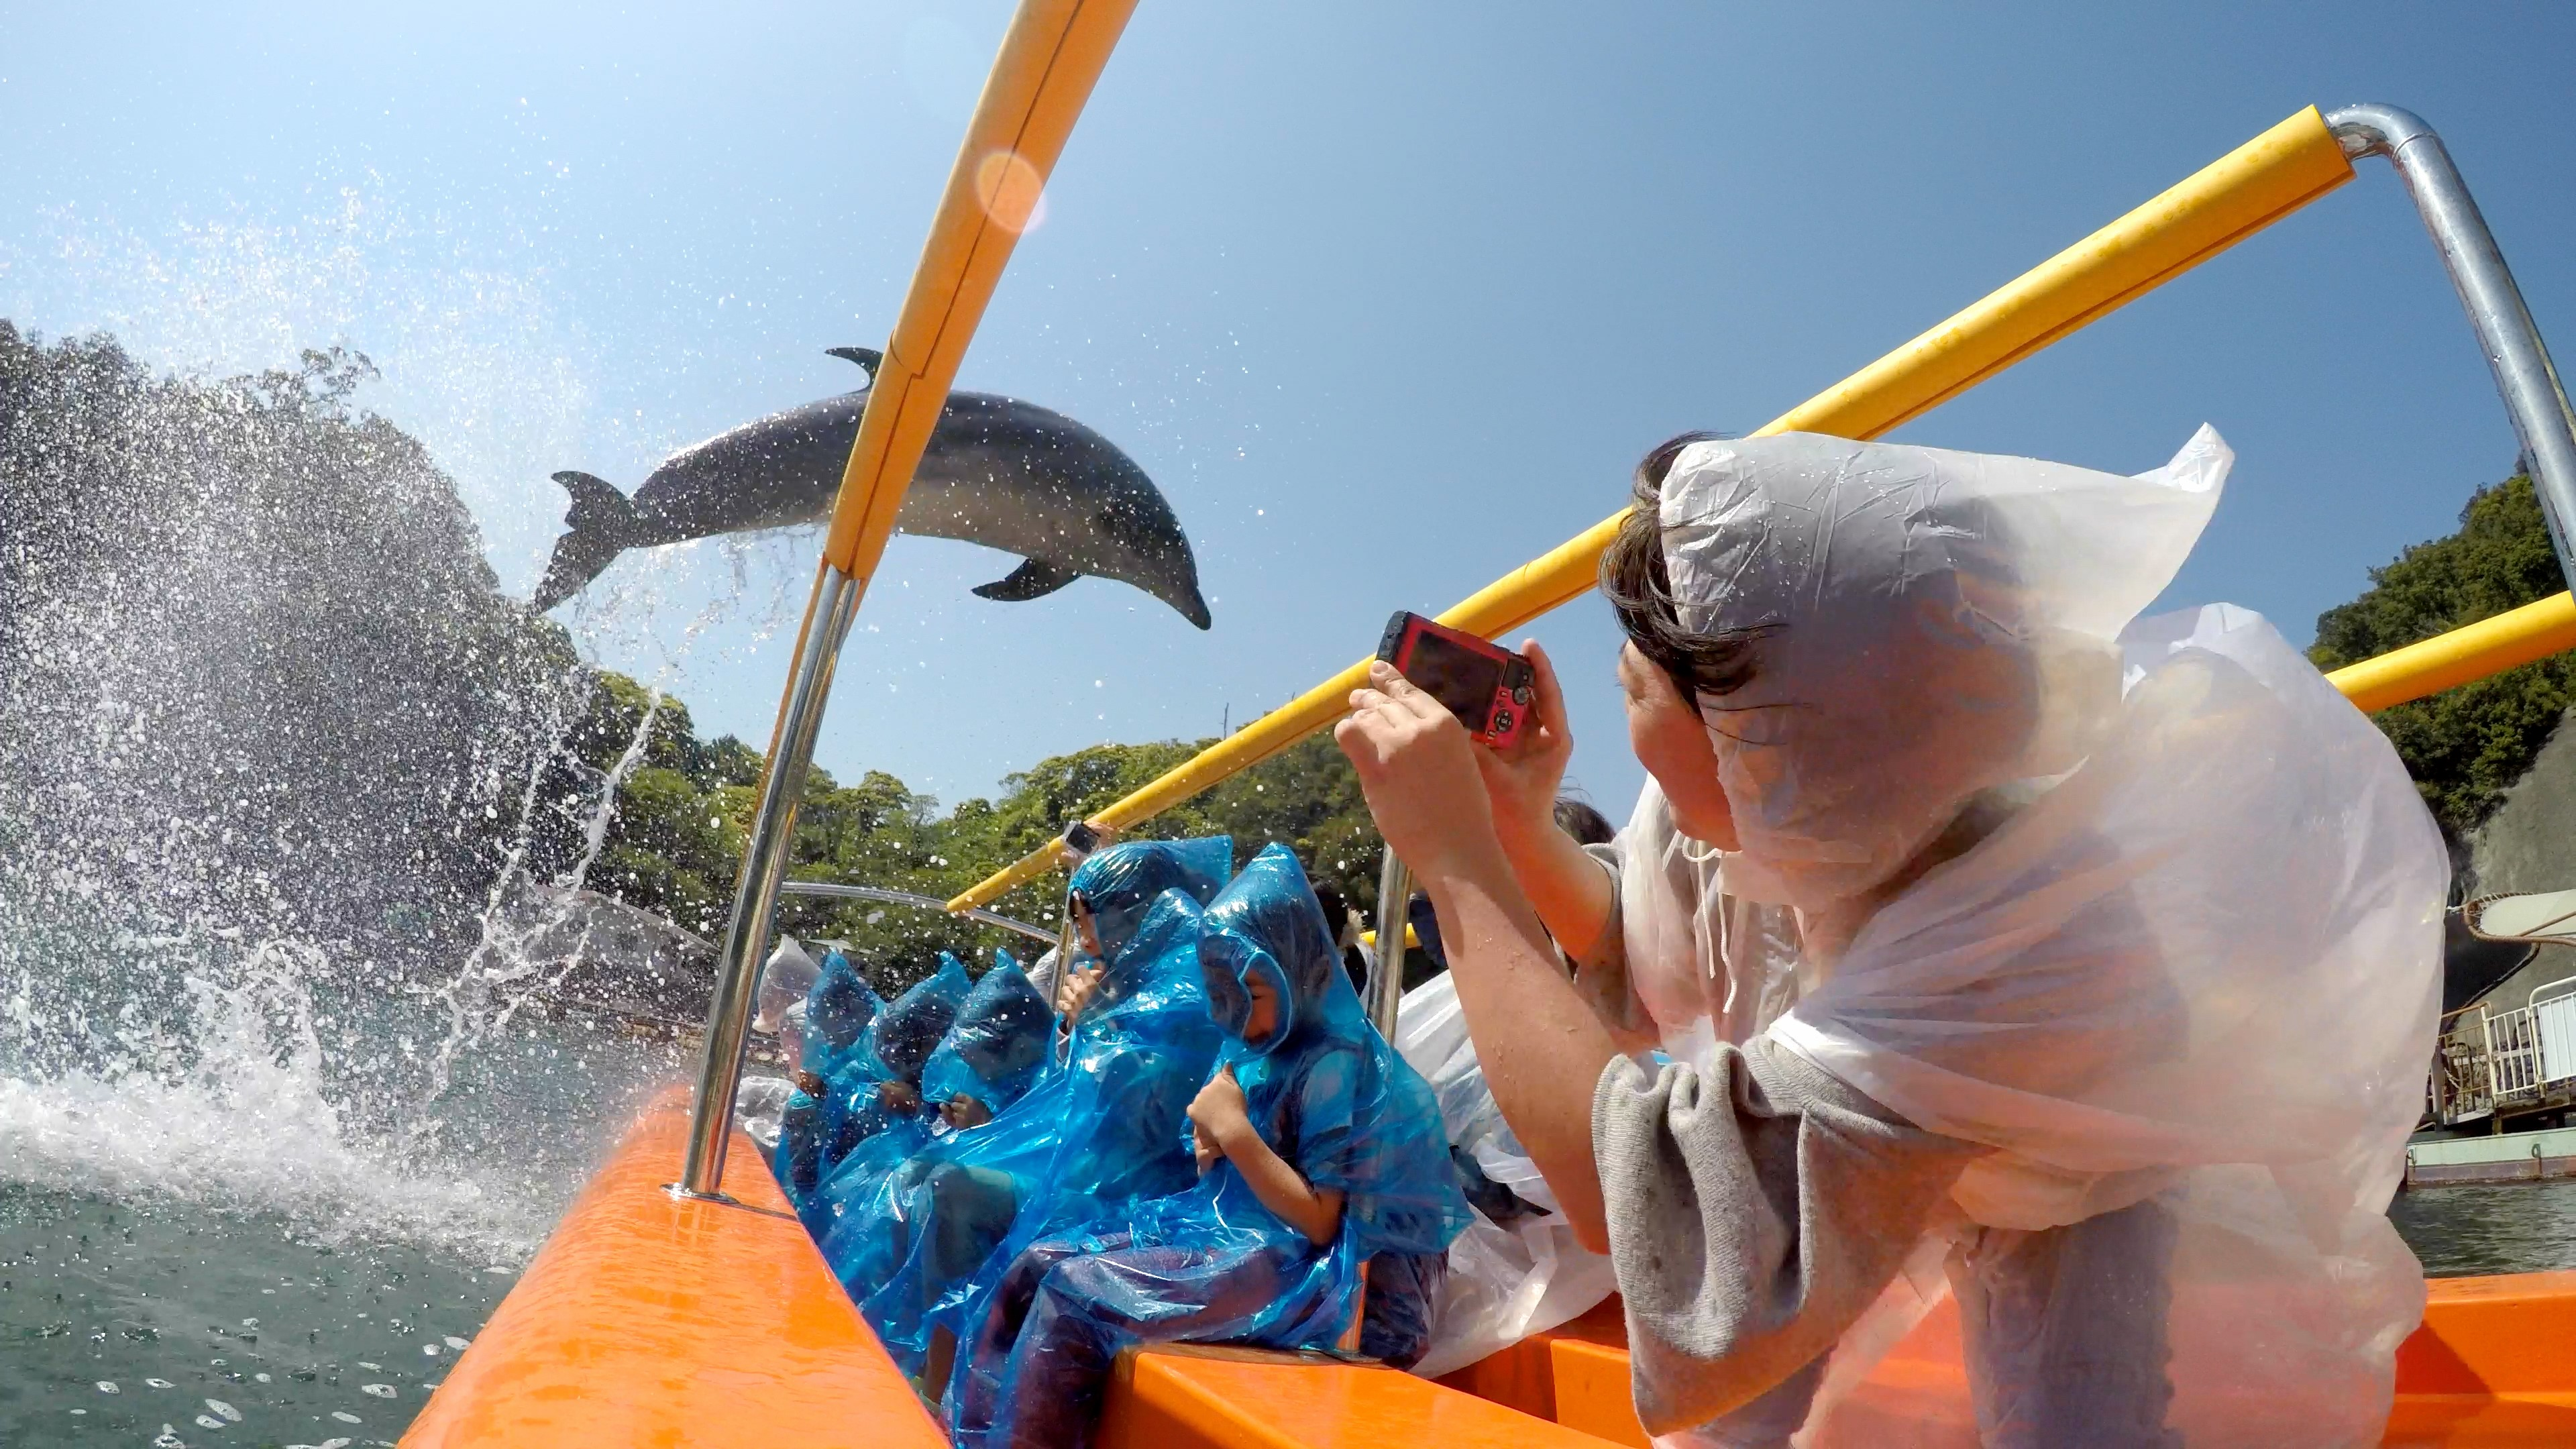 静岡県下田市の下田海中水族館におすすめのデートプランをインタビュー!